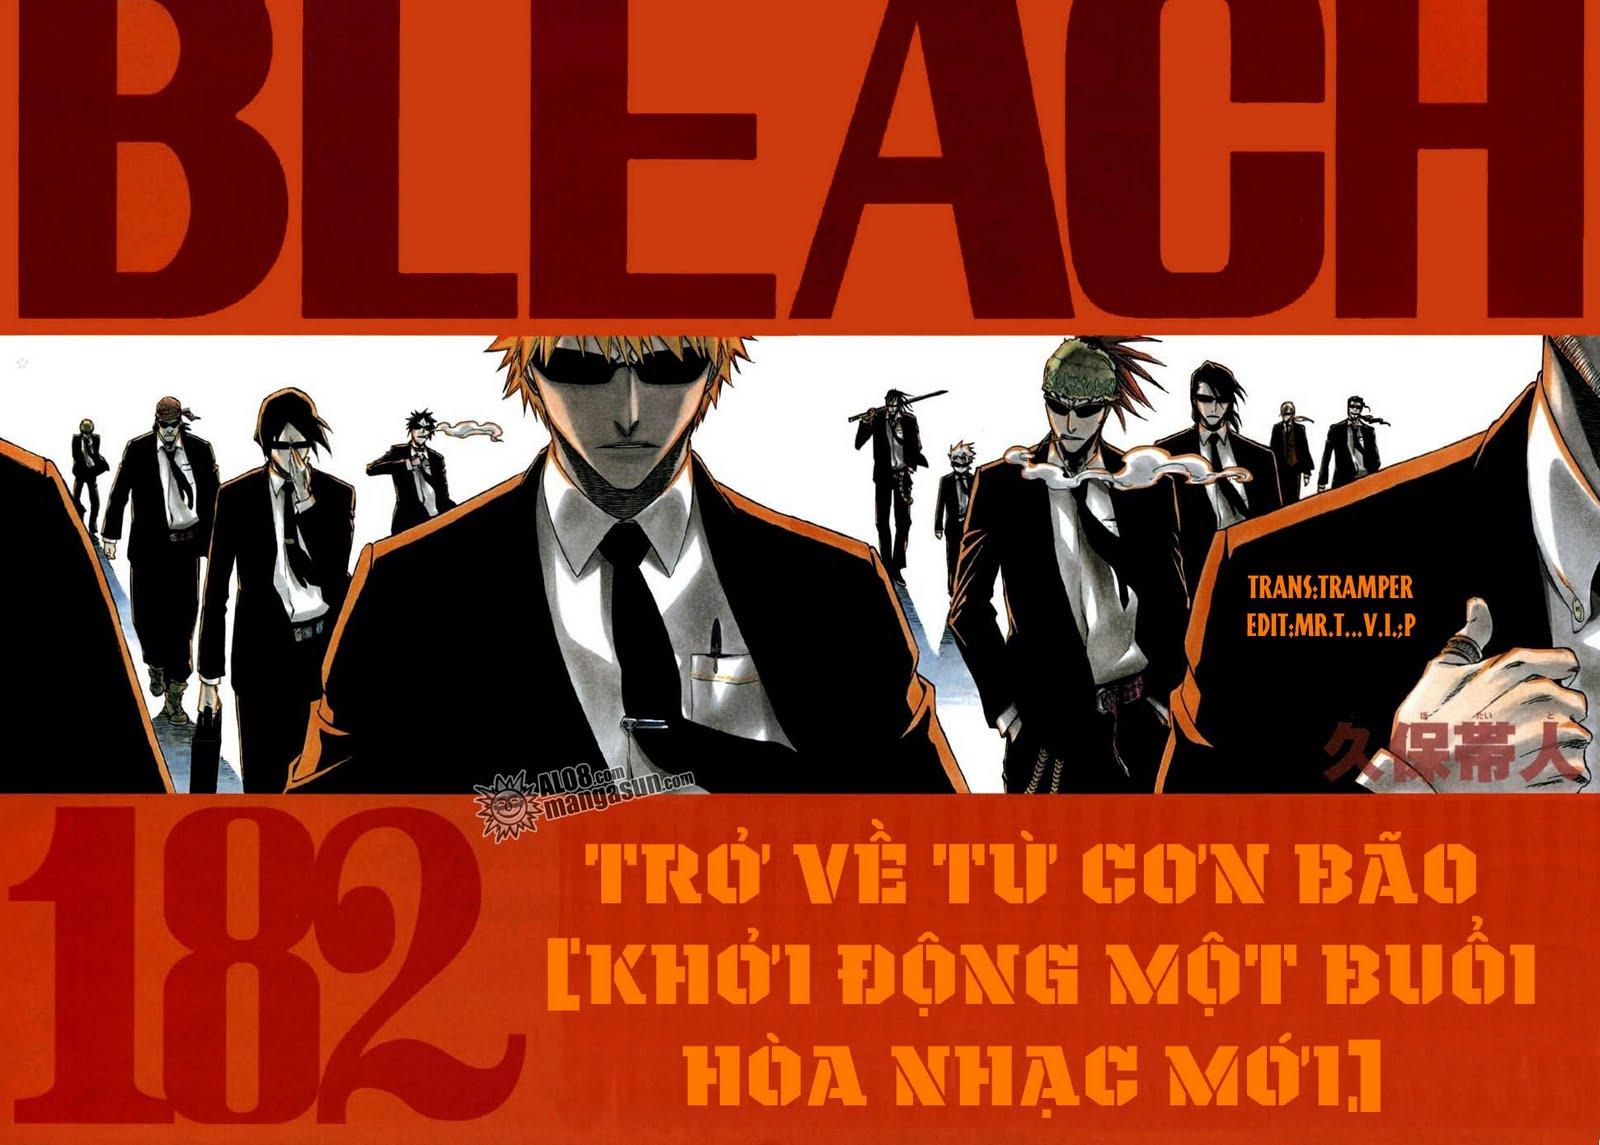 Bleach chapter 182 trang 1